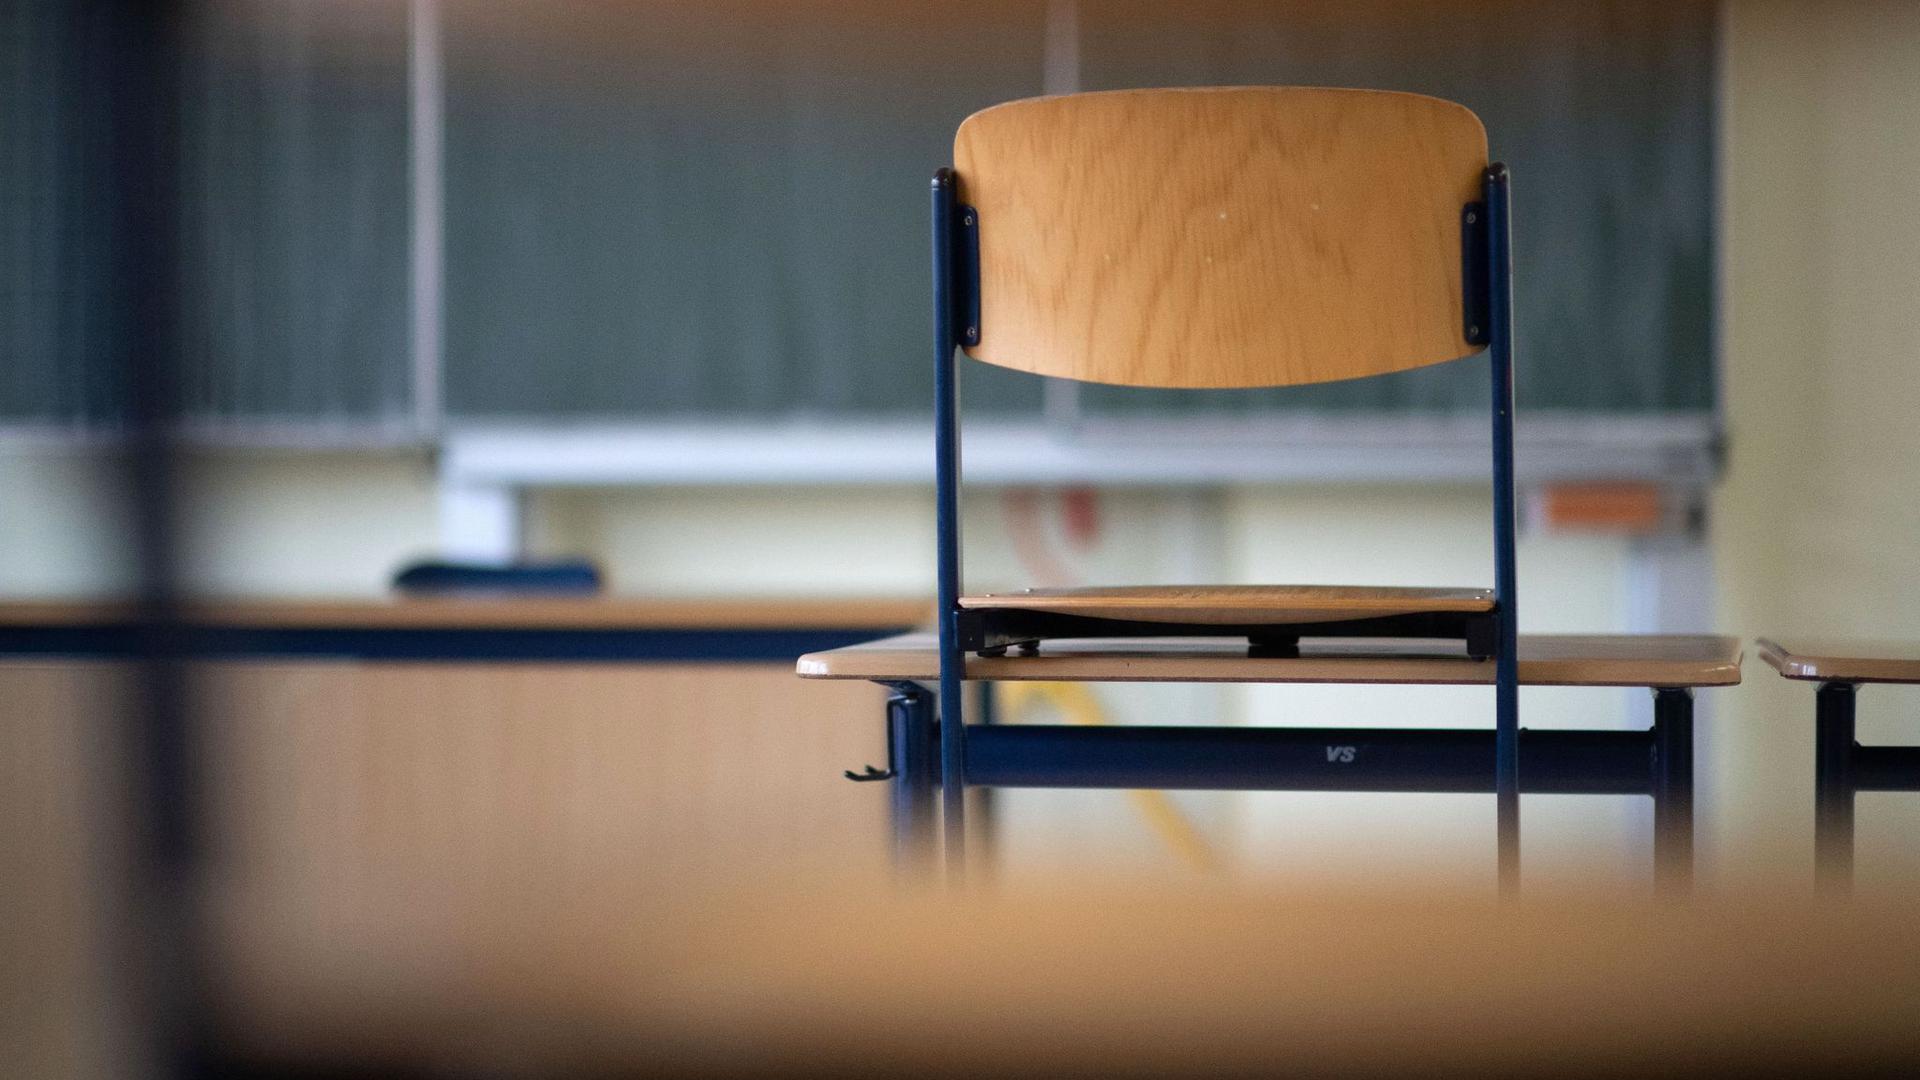 Ein Stuhl in einem Klassenzimmer auf einem Tisch. Wann sollen die Schulen öffnen?